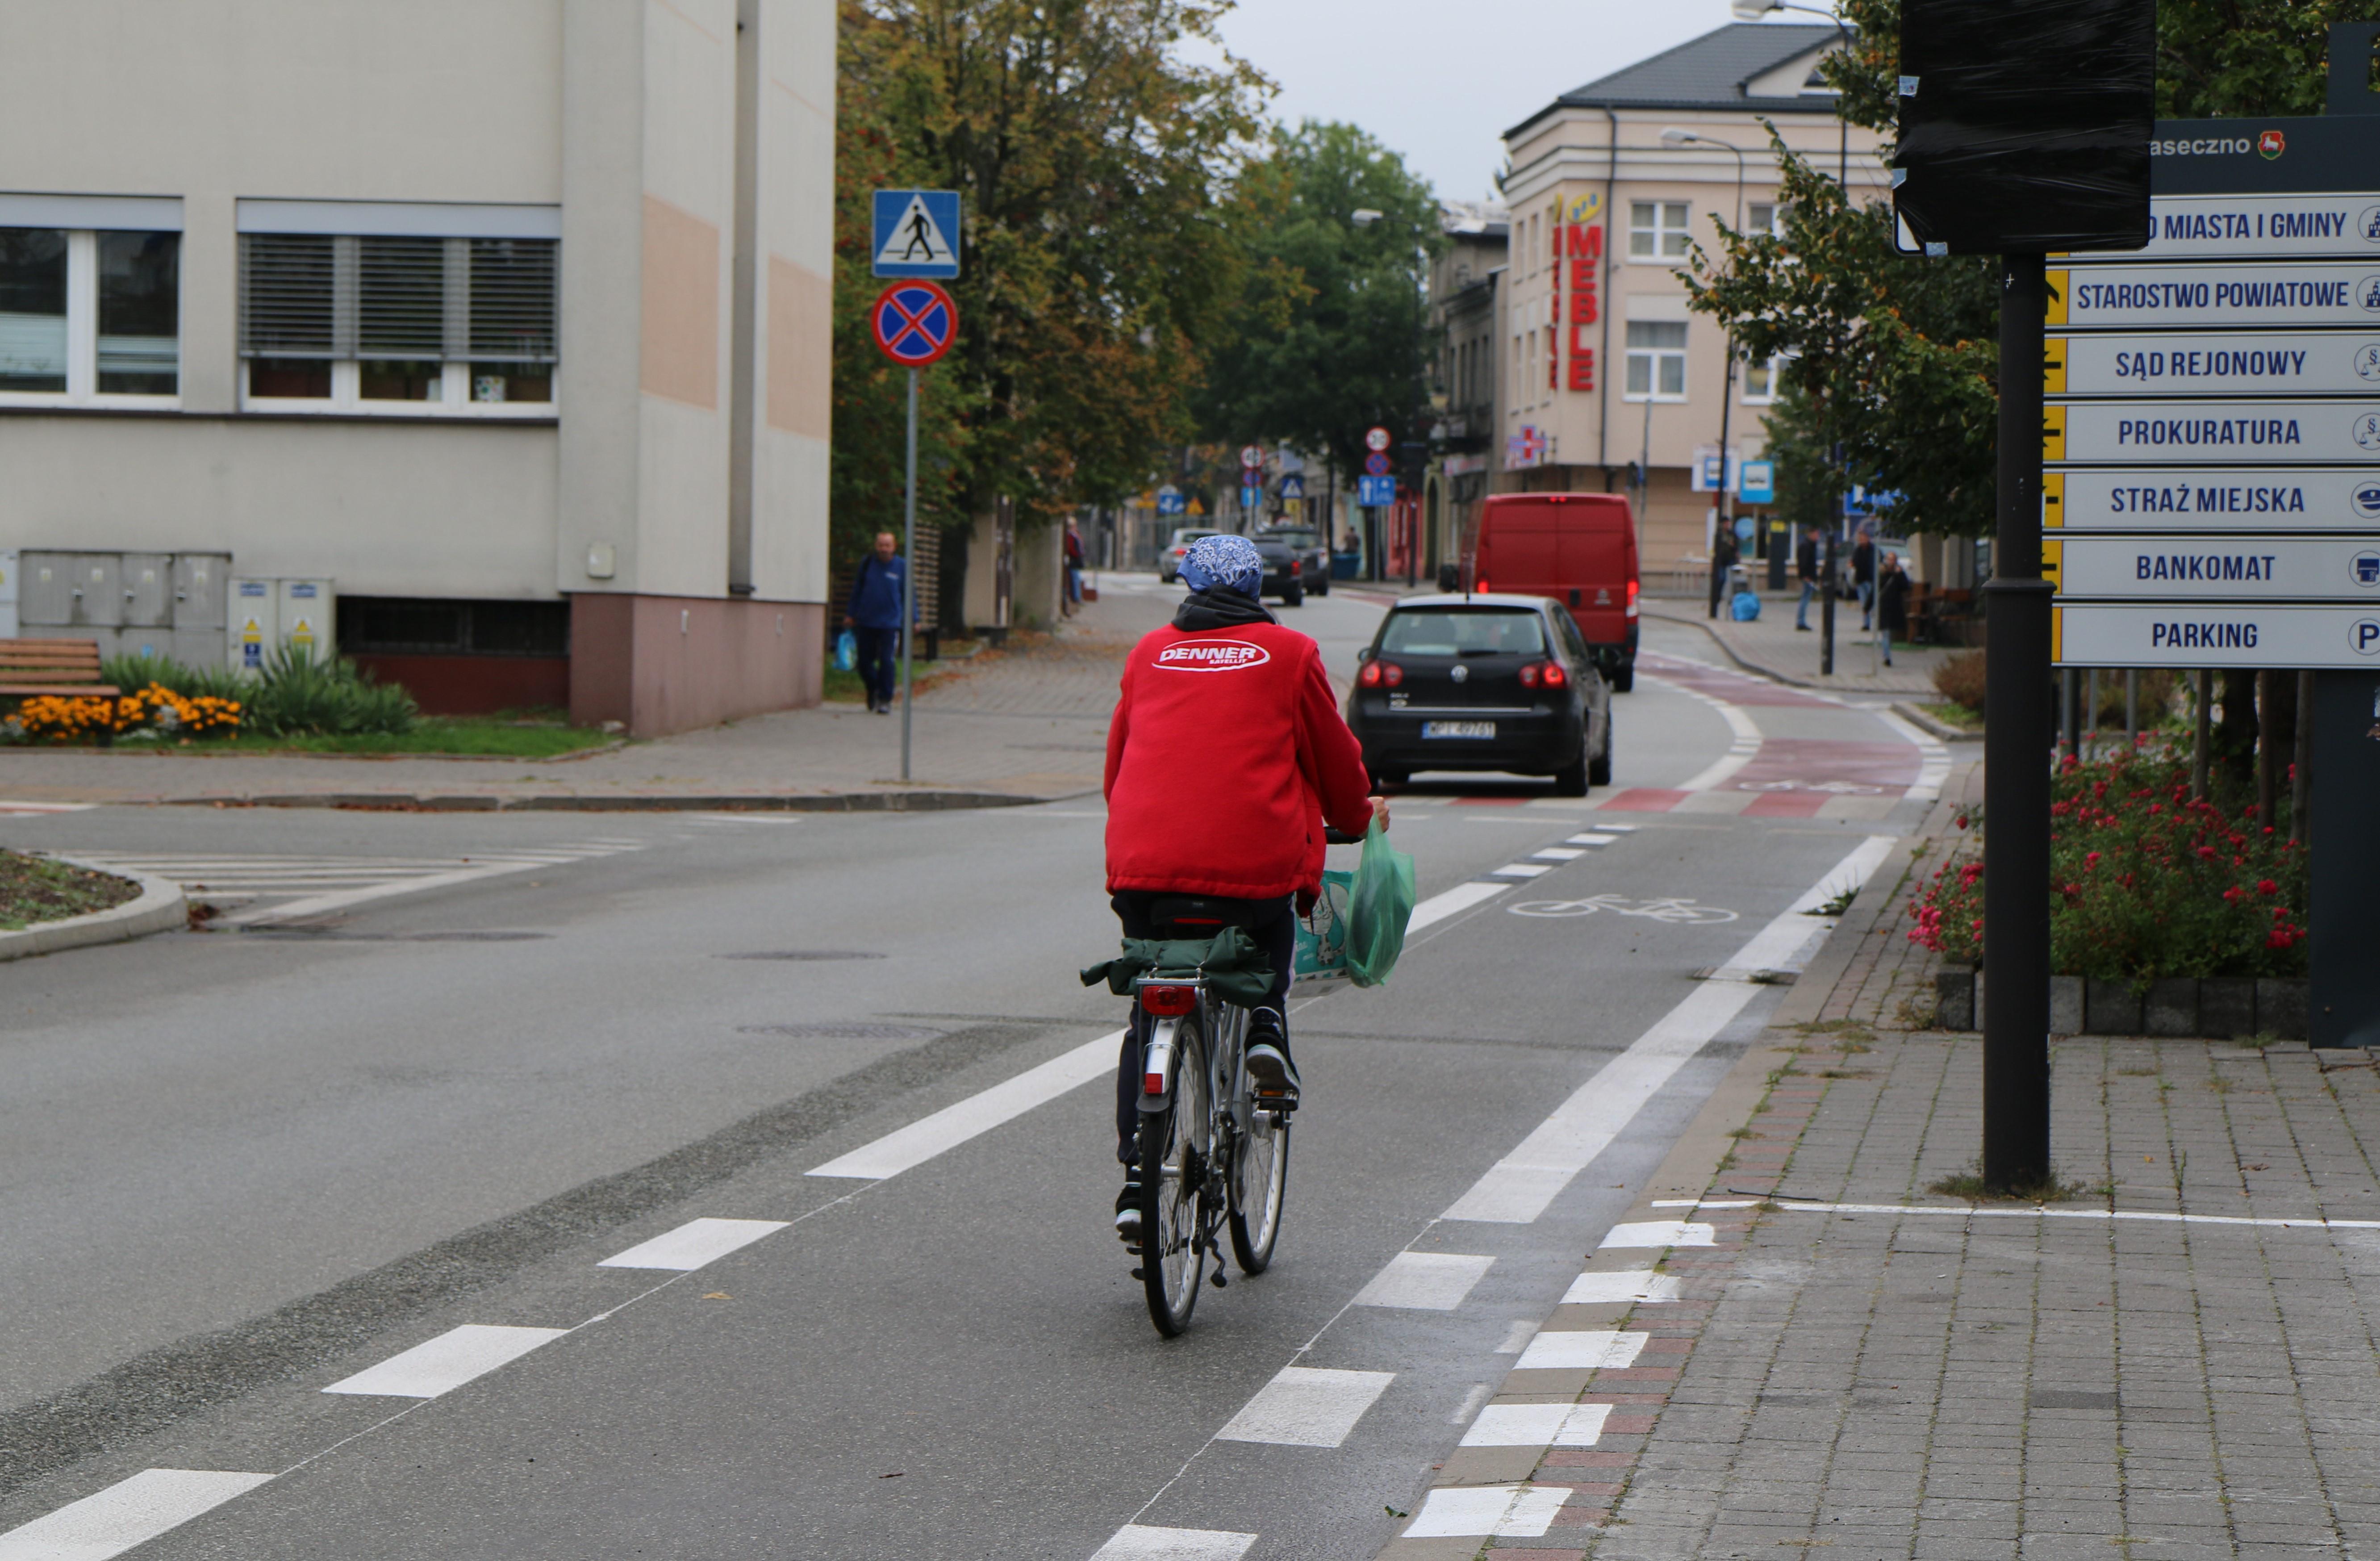 Nowa infrastruktura rowerowa w Piasecznie. Na zdjęciu rowerzystka jadąca pasem rowerowym na ul. Sierakowskiego.